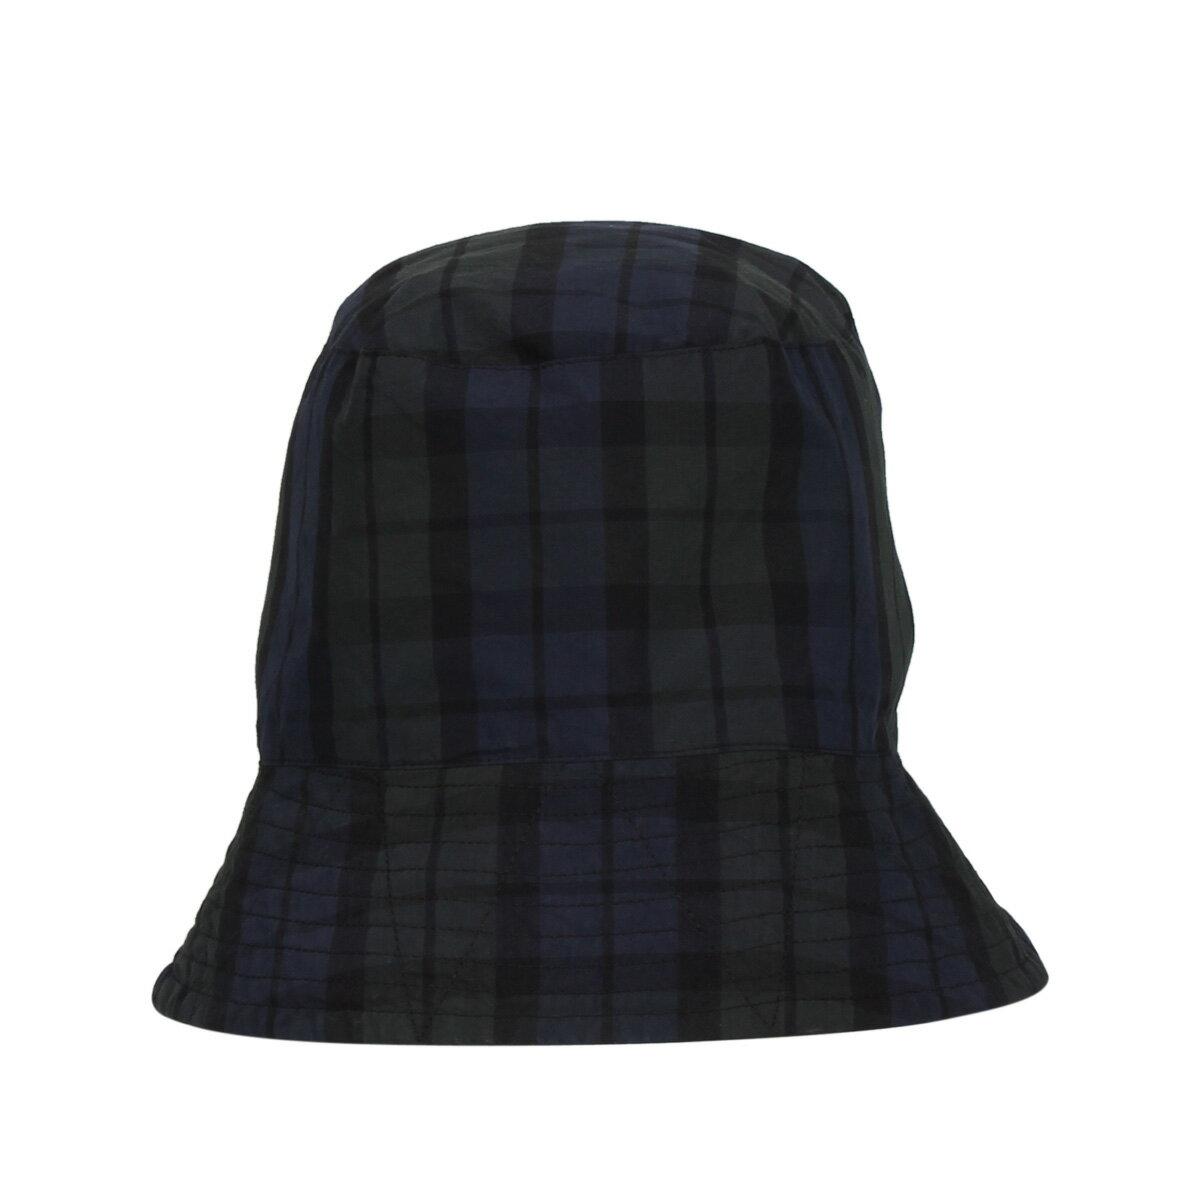 メンズ帽子, ハット 600OFF ENGINEERED GARMENTS BUCKET HAT 20S1H003